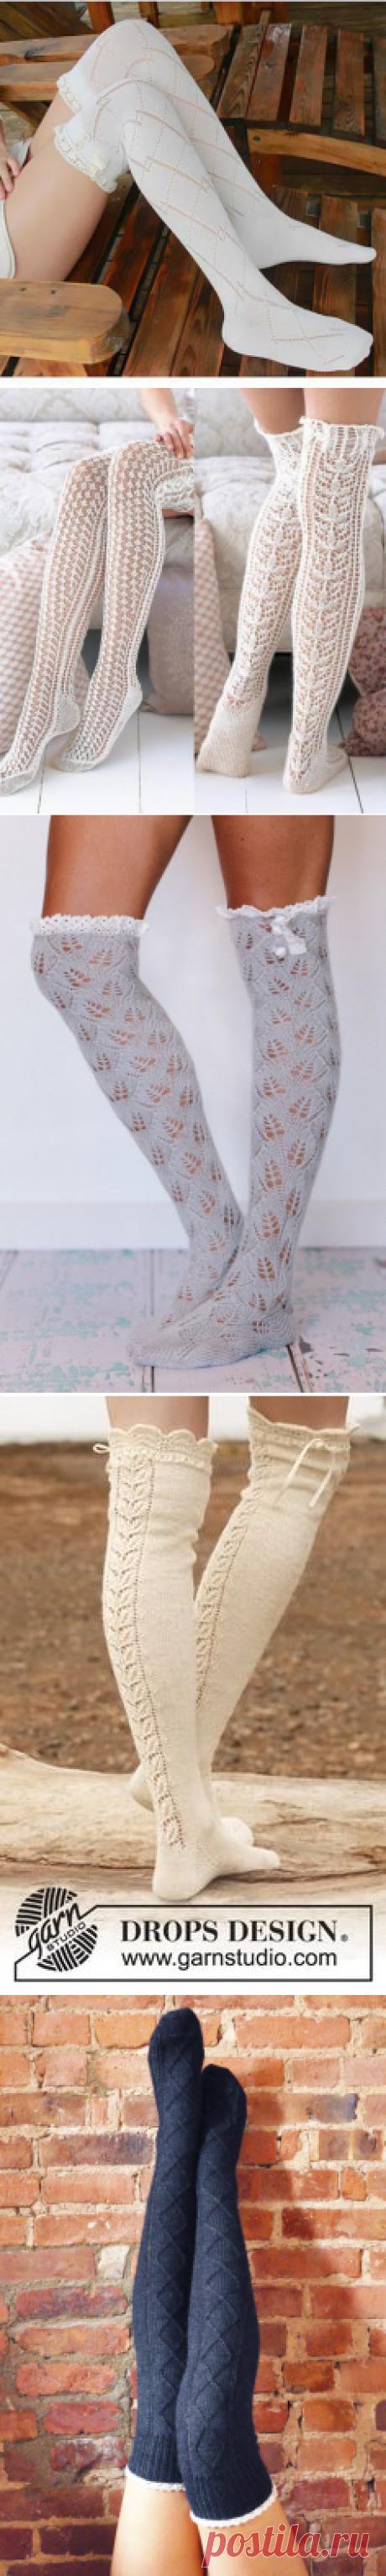 Вязаные чулочки - пикантная деталь женского гардероба